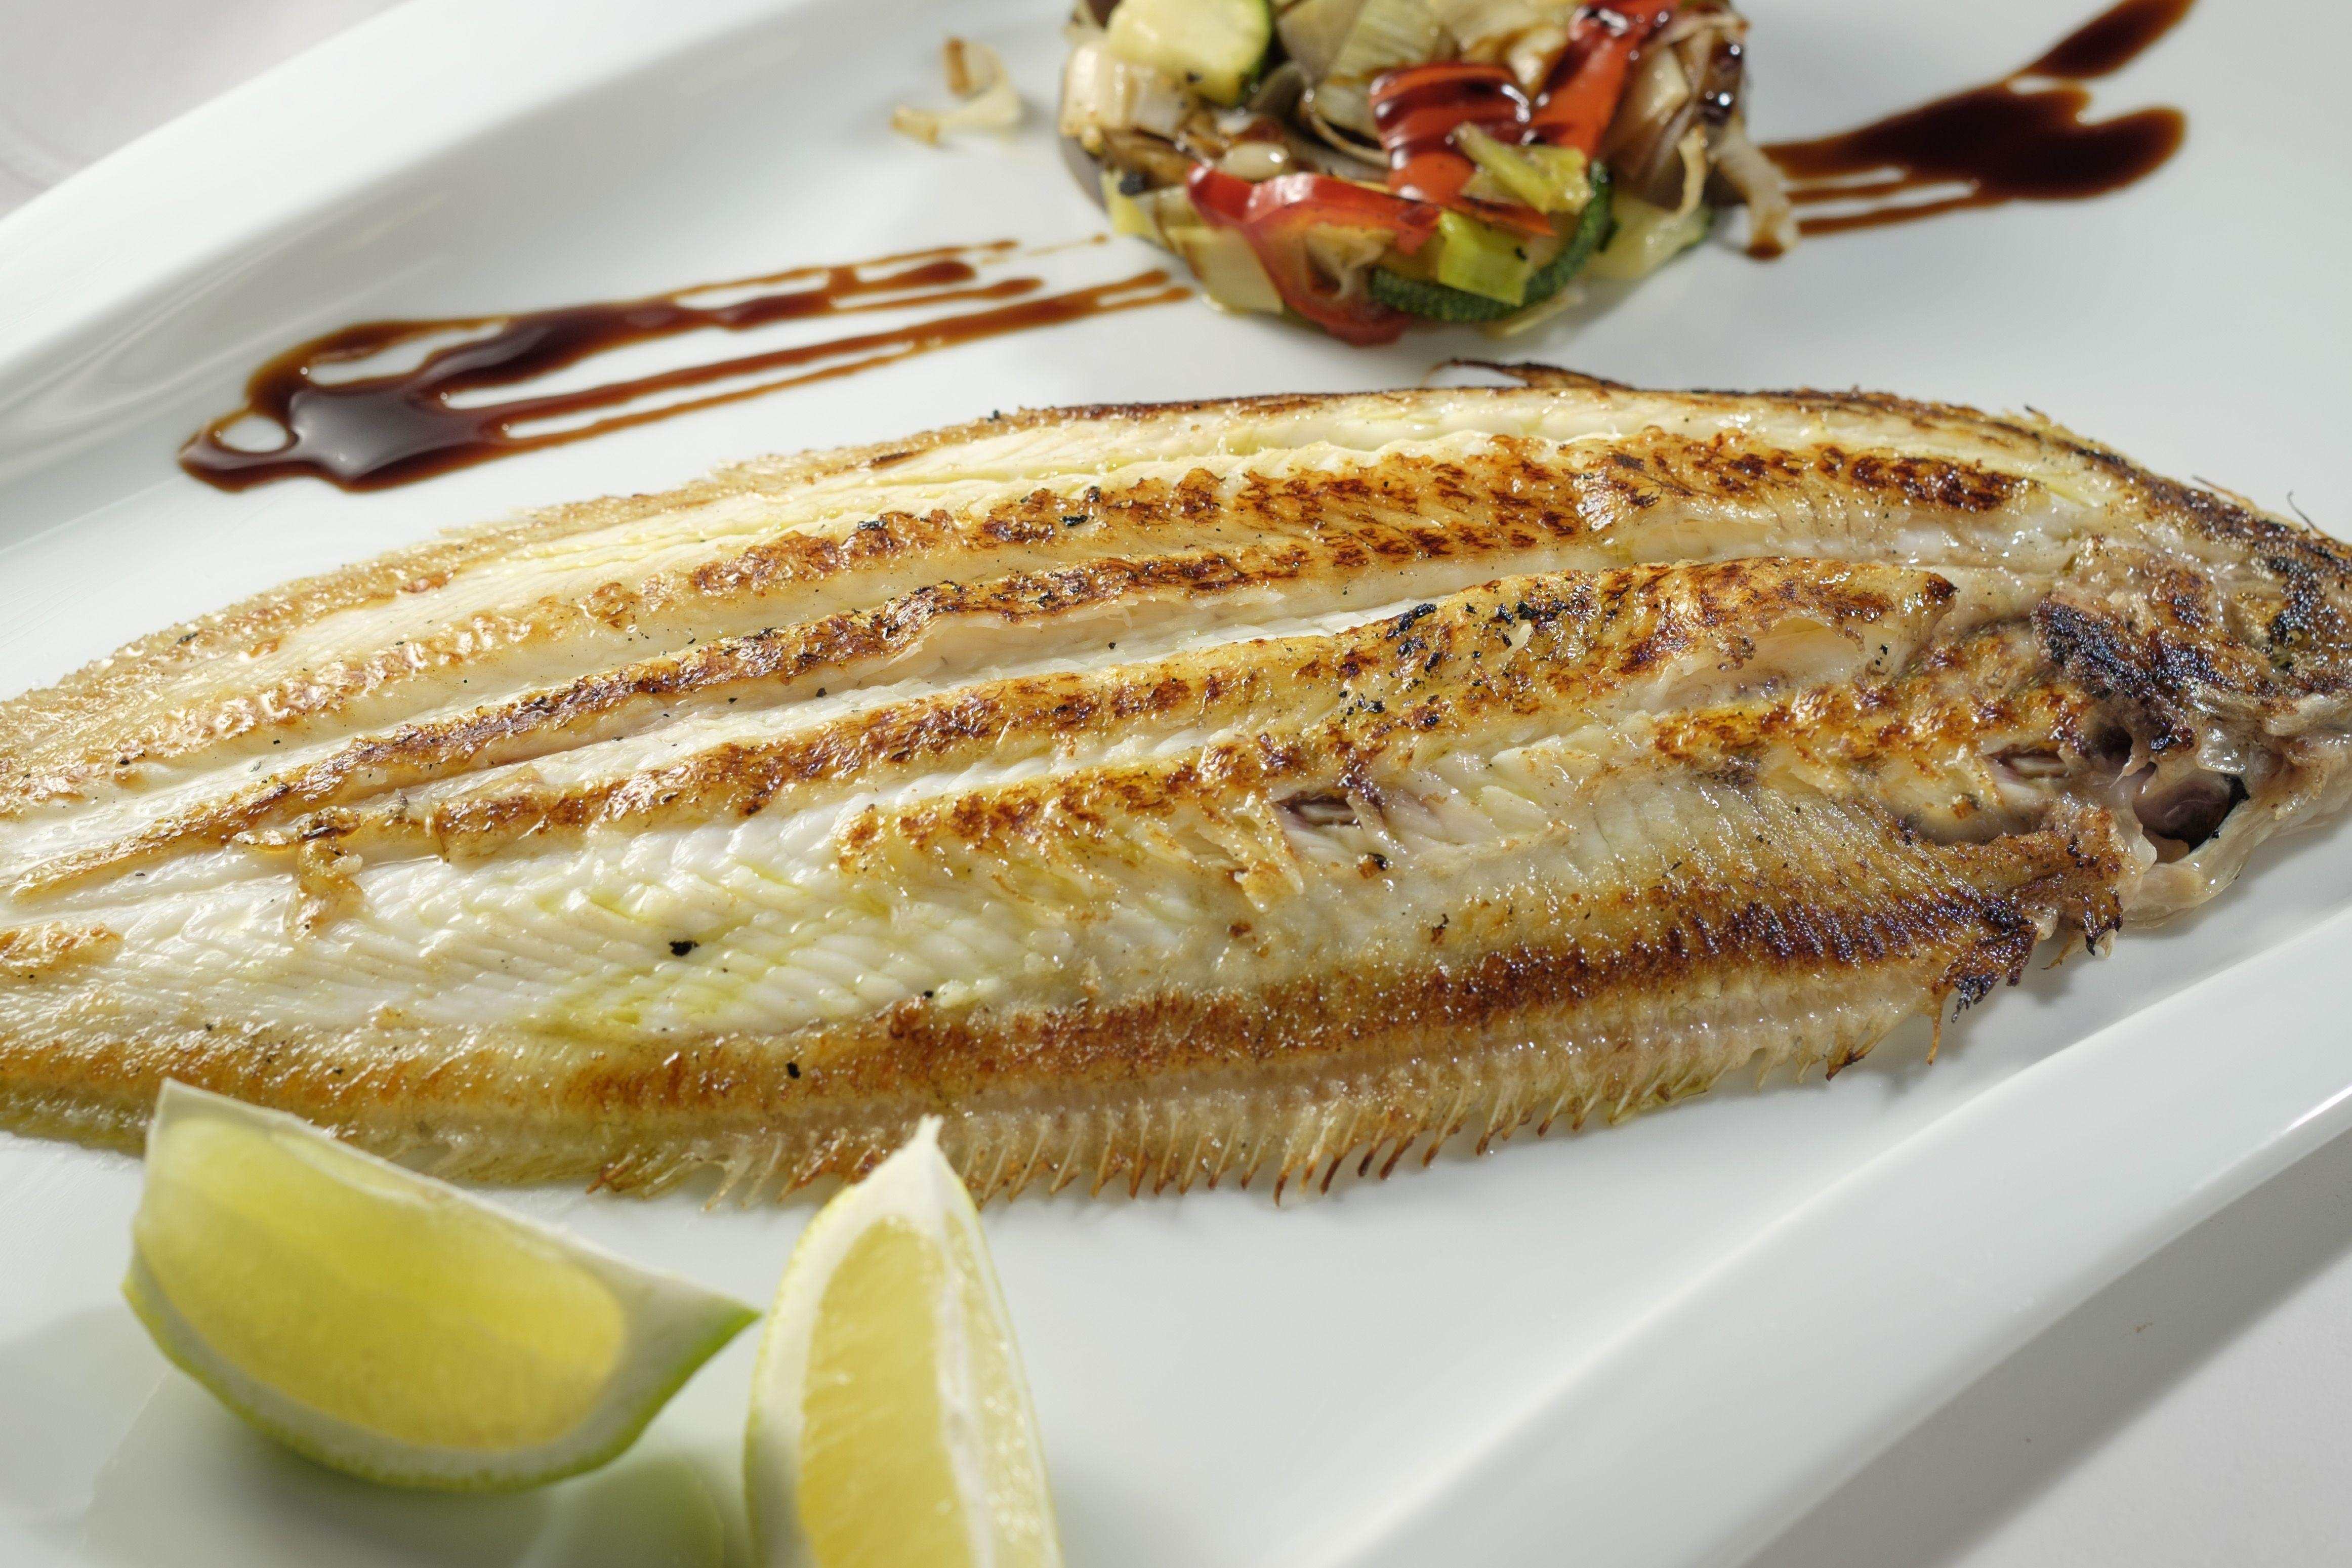 Lenguado a la plancha en Lorret de Mar - Restaurante Cantarradas